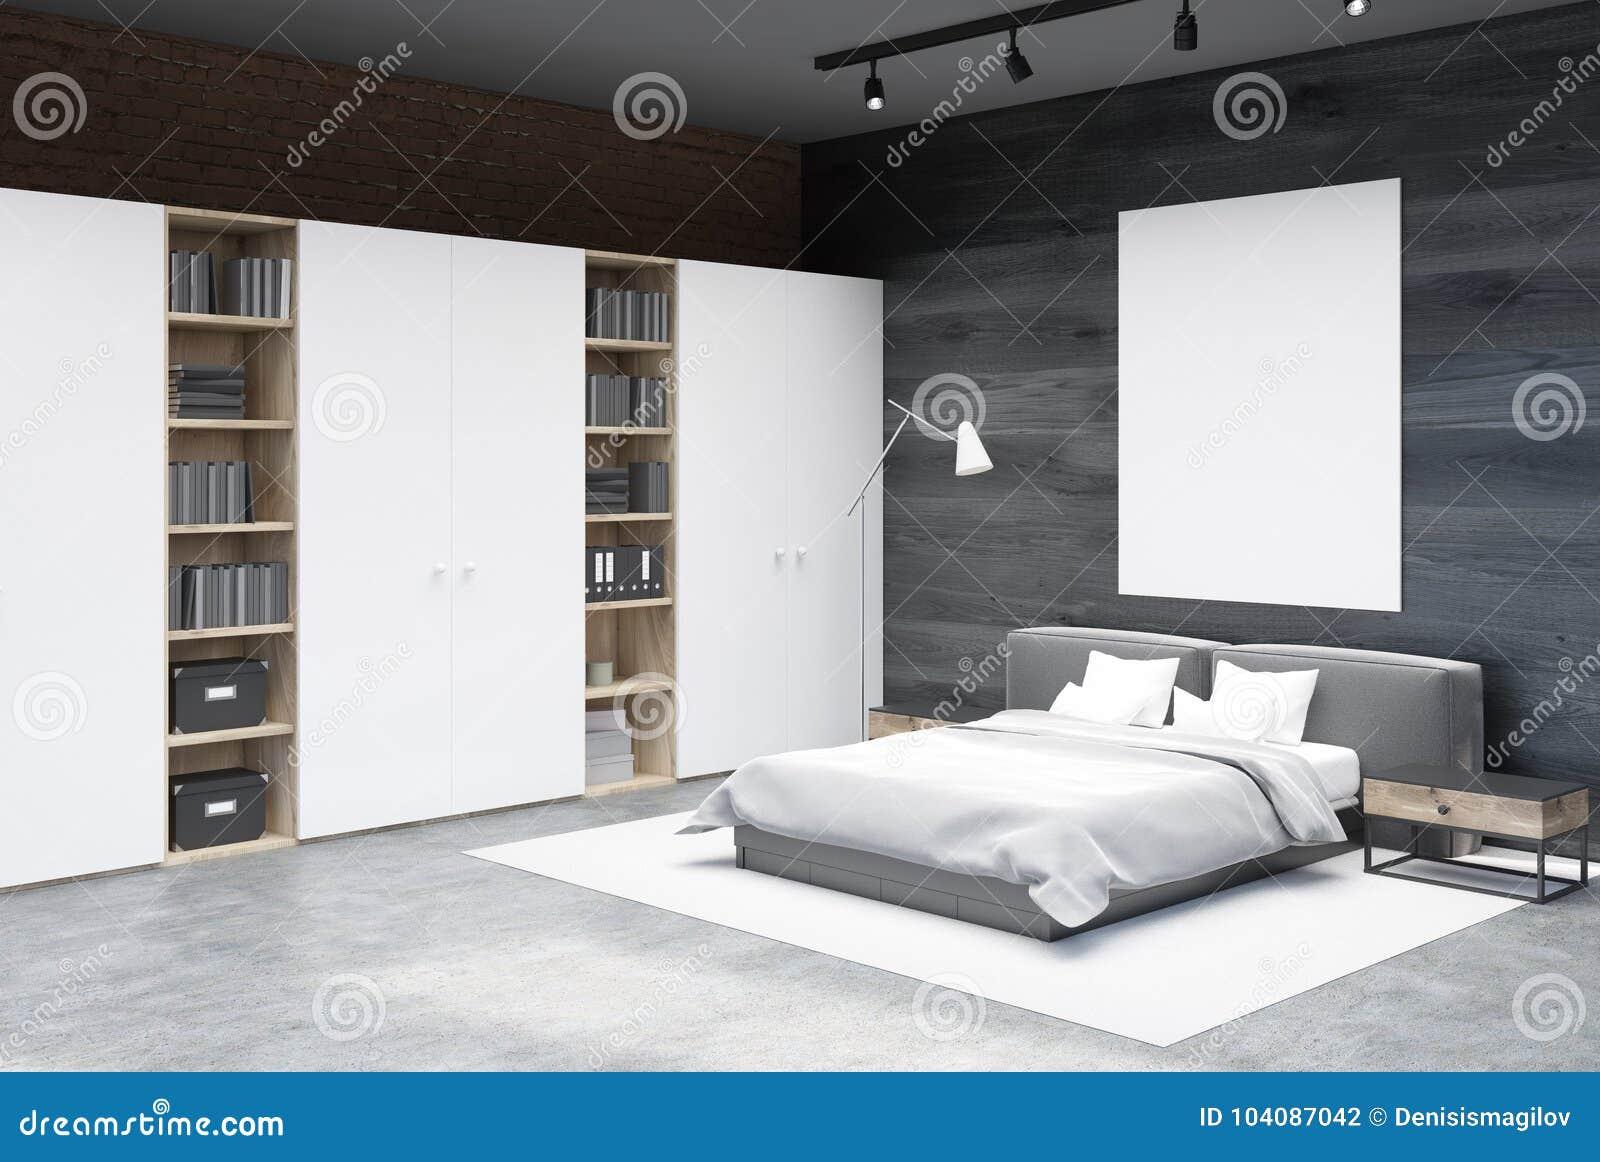 Angolo Del Letto : Gray ed angolo della camera da letto del mattone manifesto